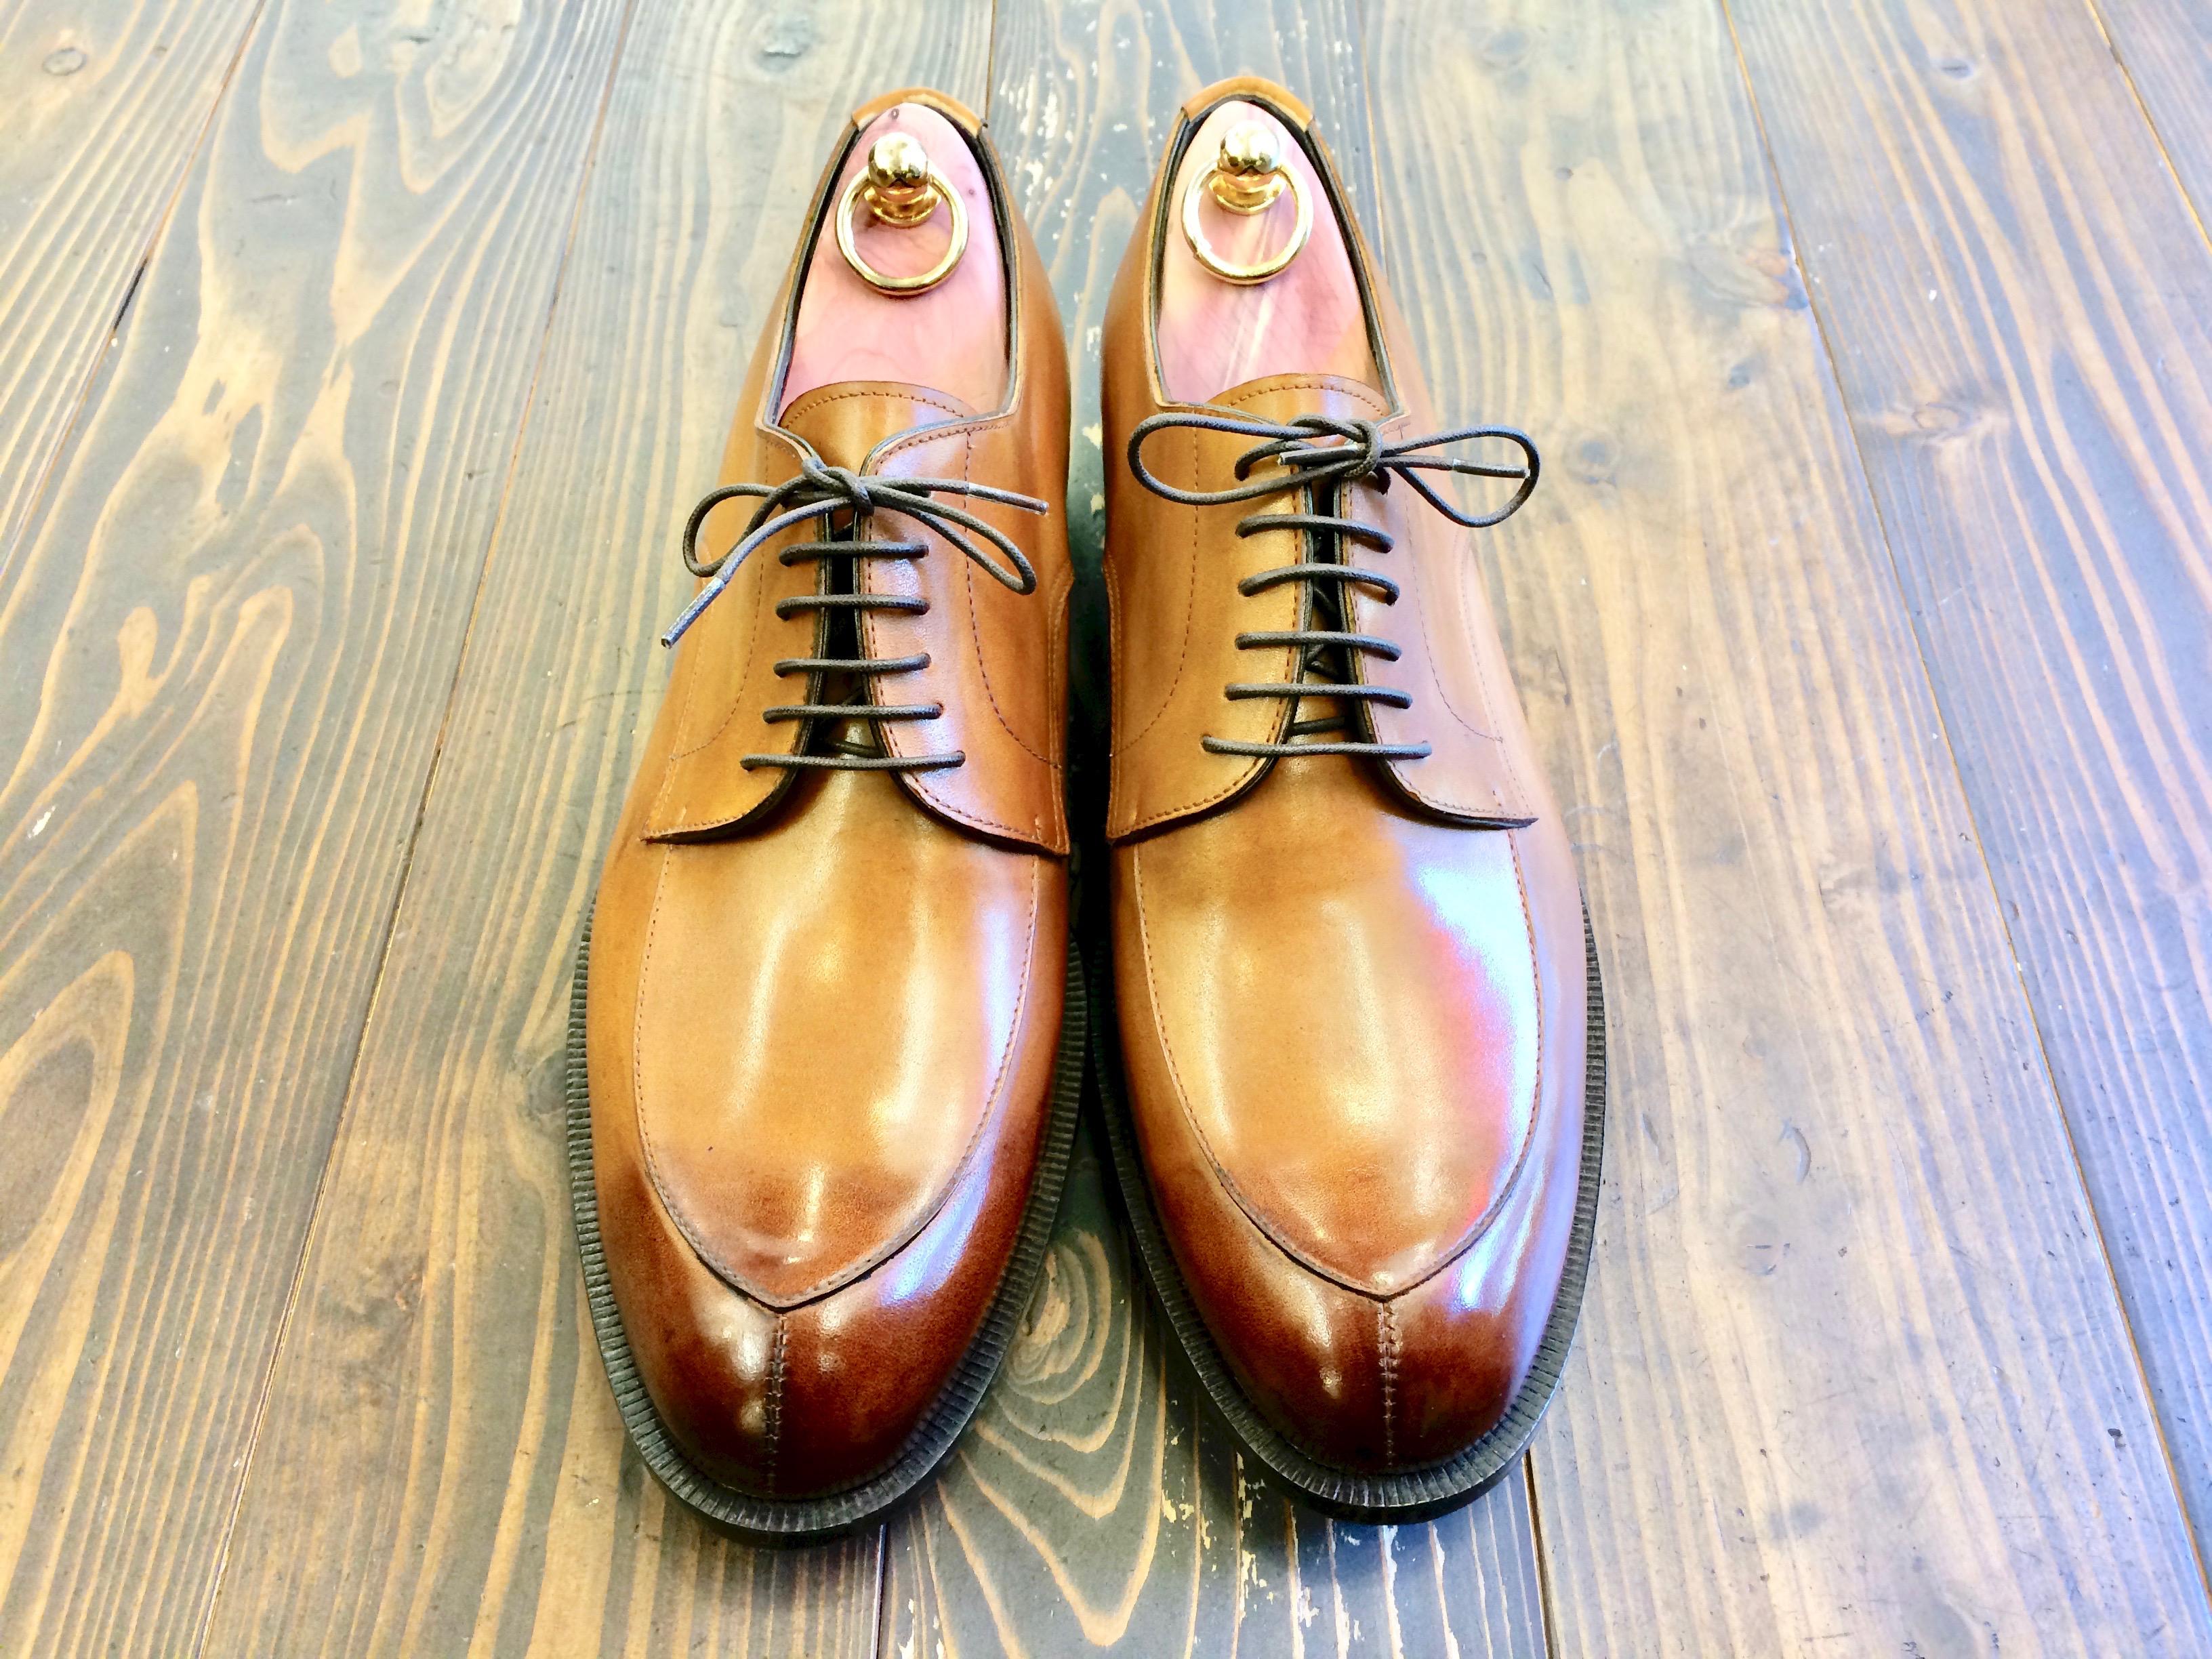 立岡靴工房オーダー靴サンプル入れ替えのため一部を販売します。